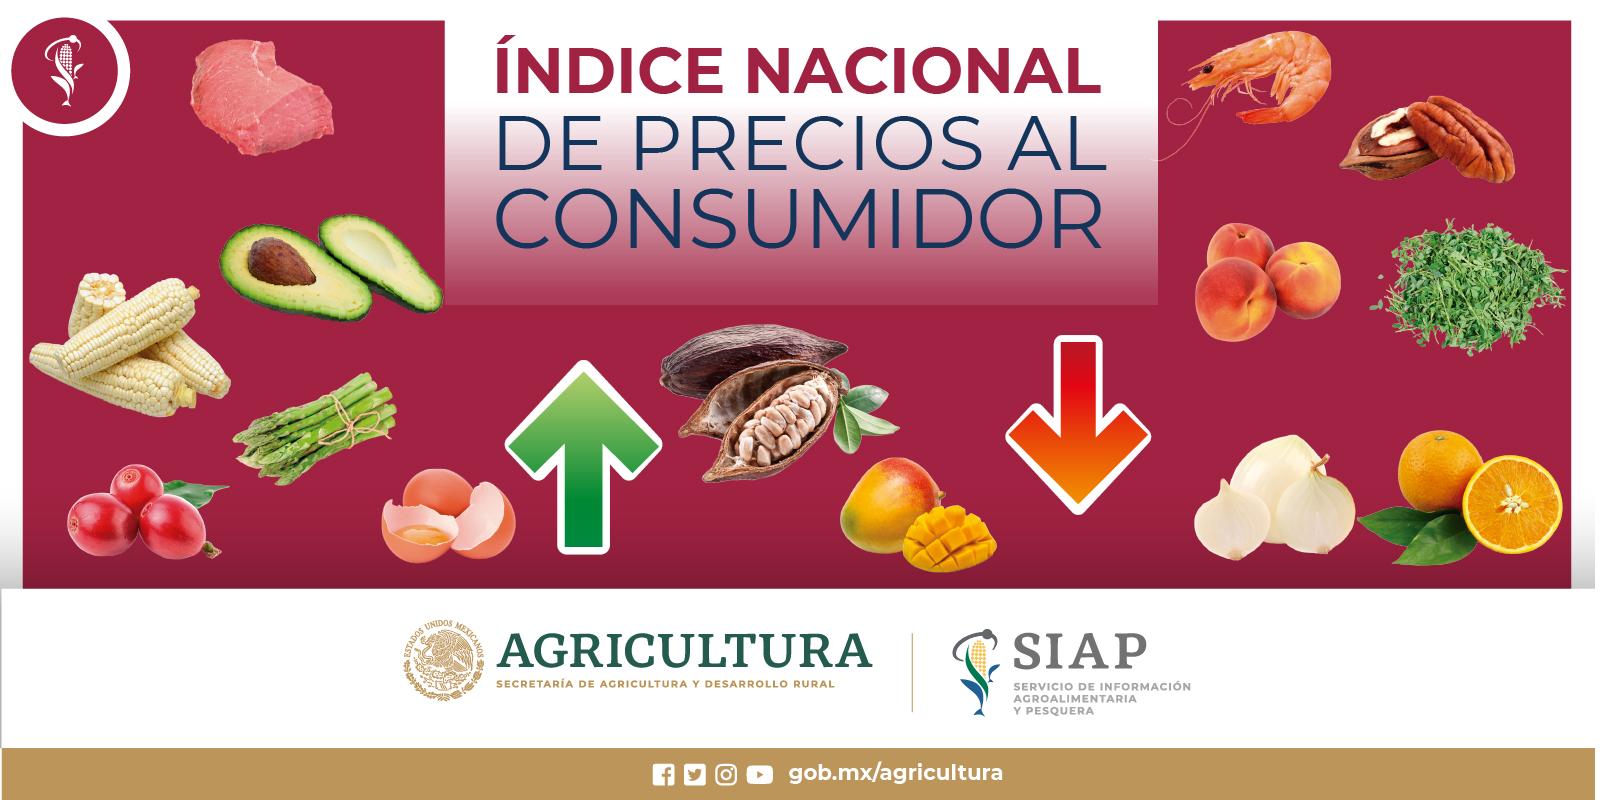 Índice Nacional de Precios al Consumidor (INPC)